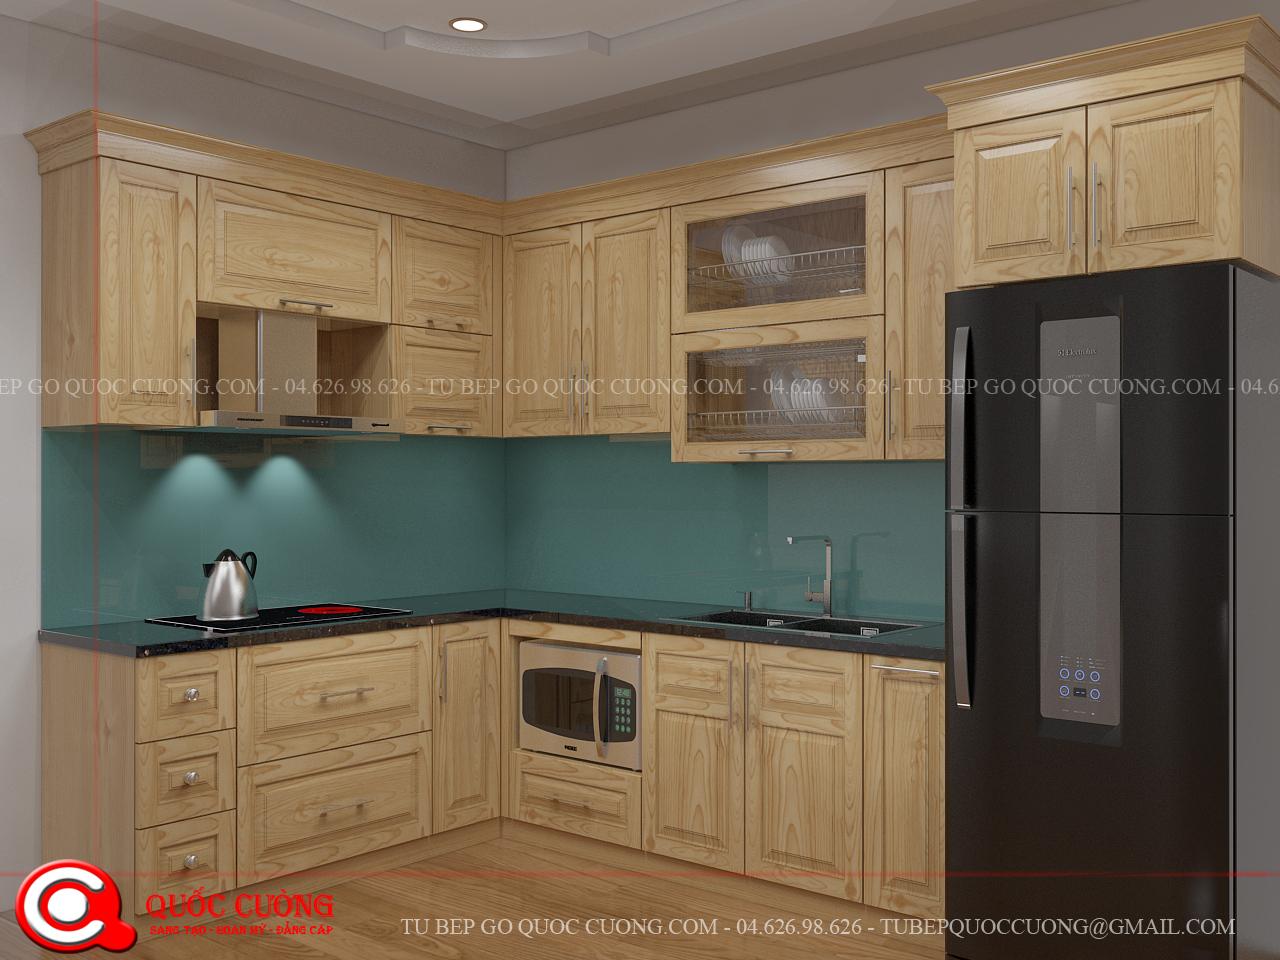 Tủ bếp Sồi Nga chữL phù hợp với nhiều không gian từ rộng đến hẹp.